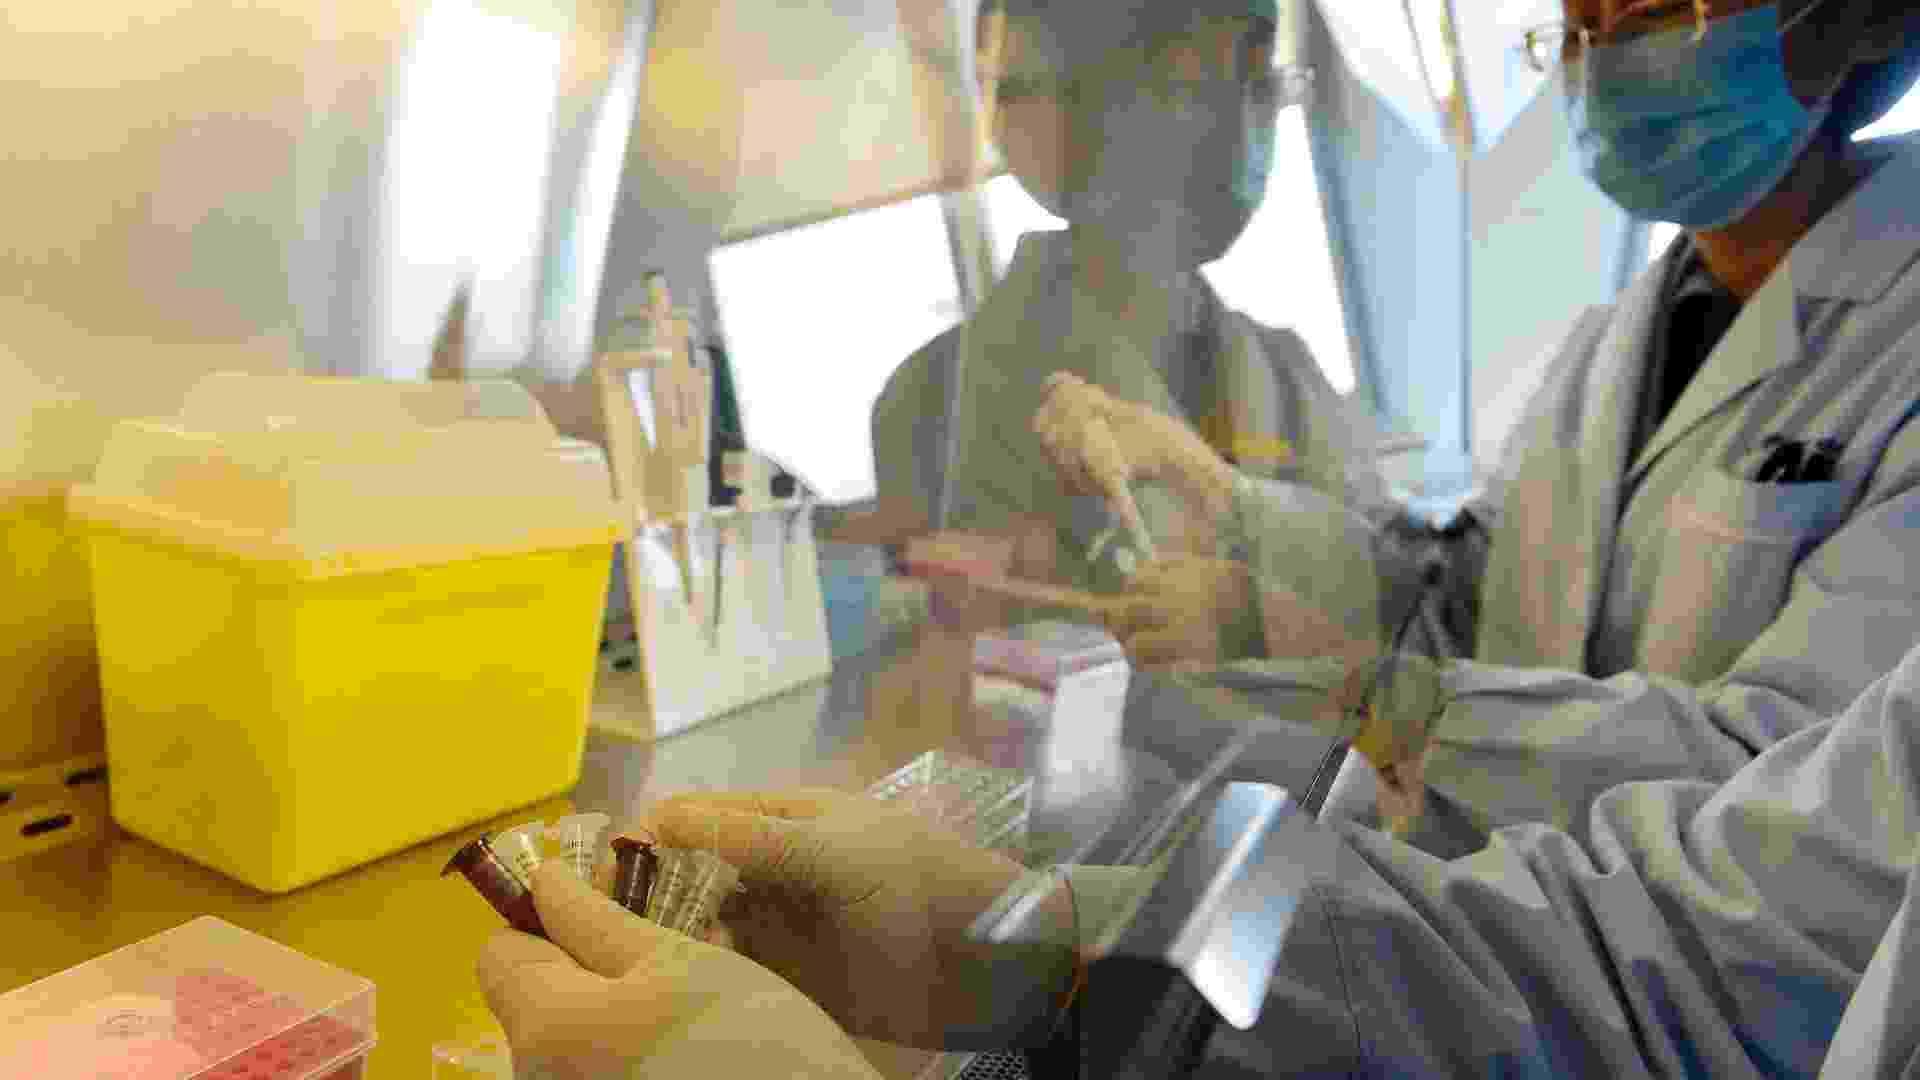 3.abr.2013 - Técnicos realizam teste para detecção do vírus H7N9, da gripe aviária, no Centro de Controle de Doenças de Pequim. Estima-se que três pessoas já tenham morrido na China em decorrência da gripe aviária - Reuters